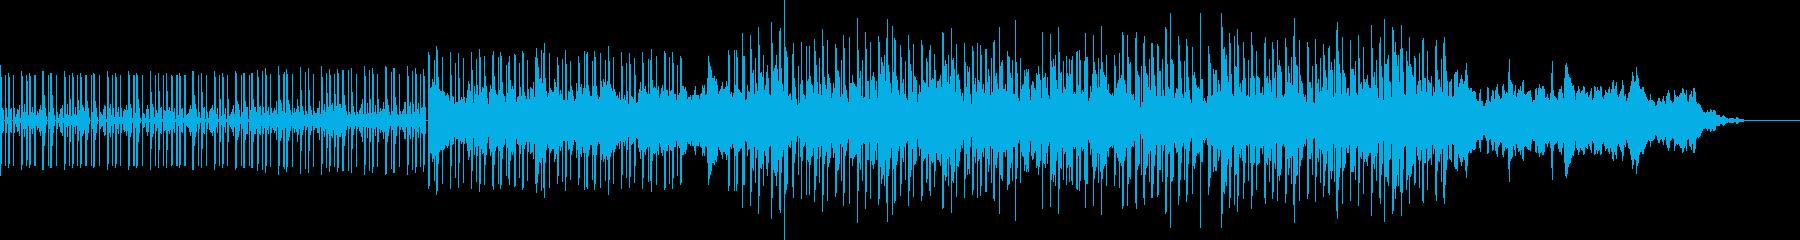 ギターが入ったDNBbeatsの再生済みの波形